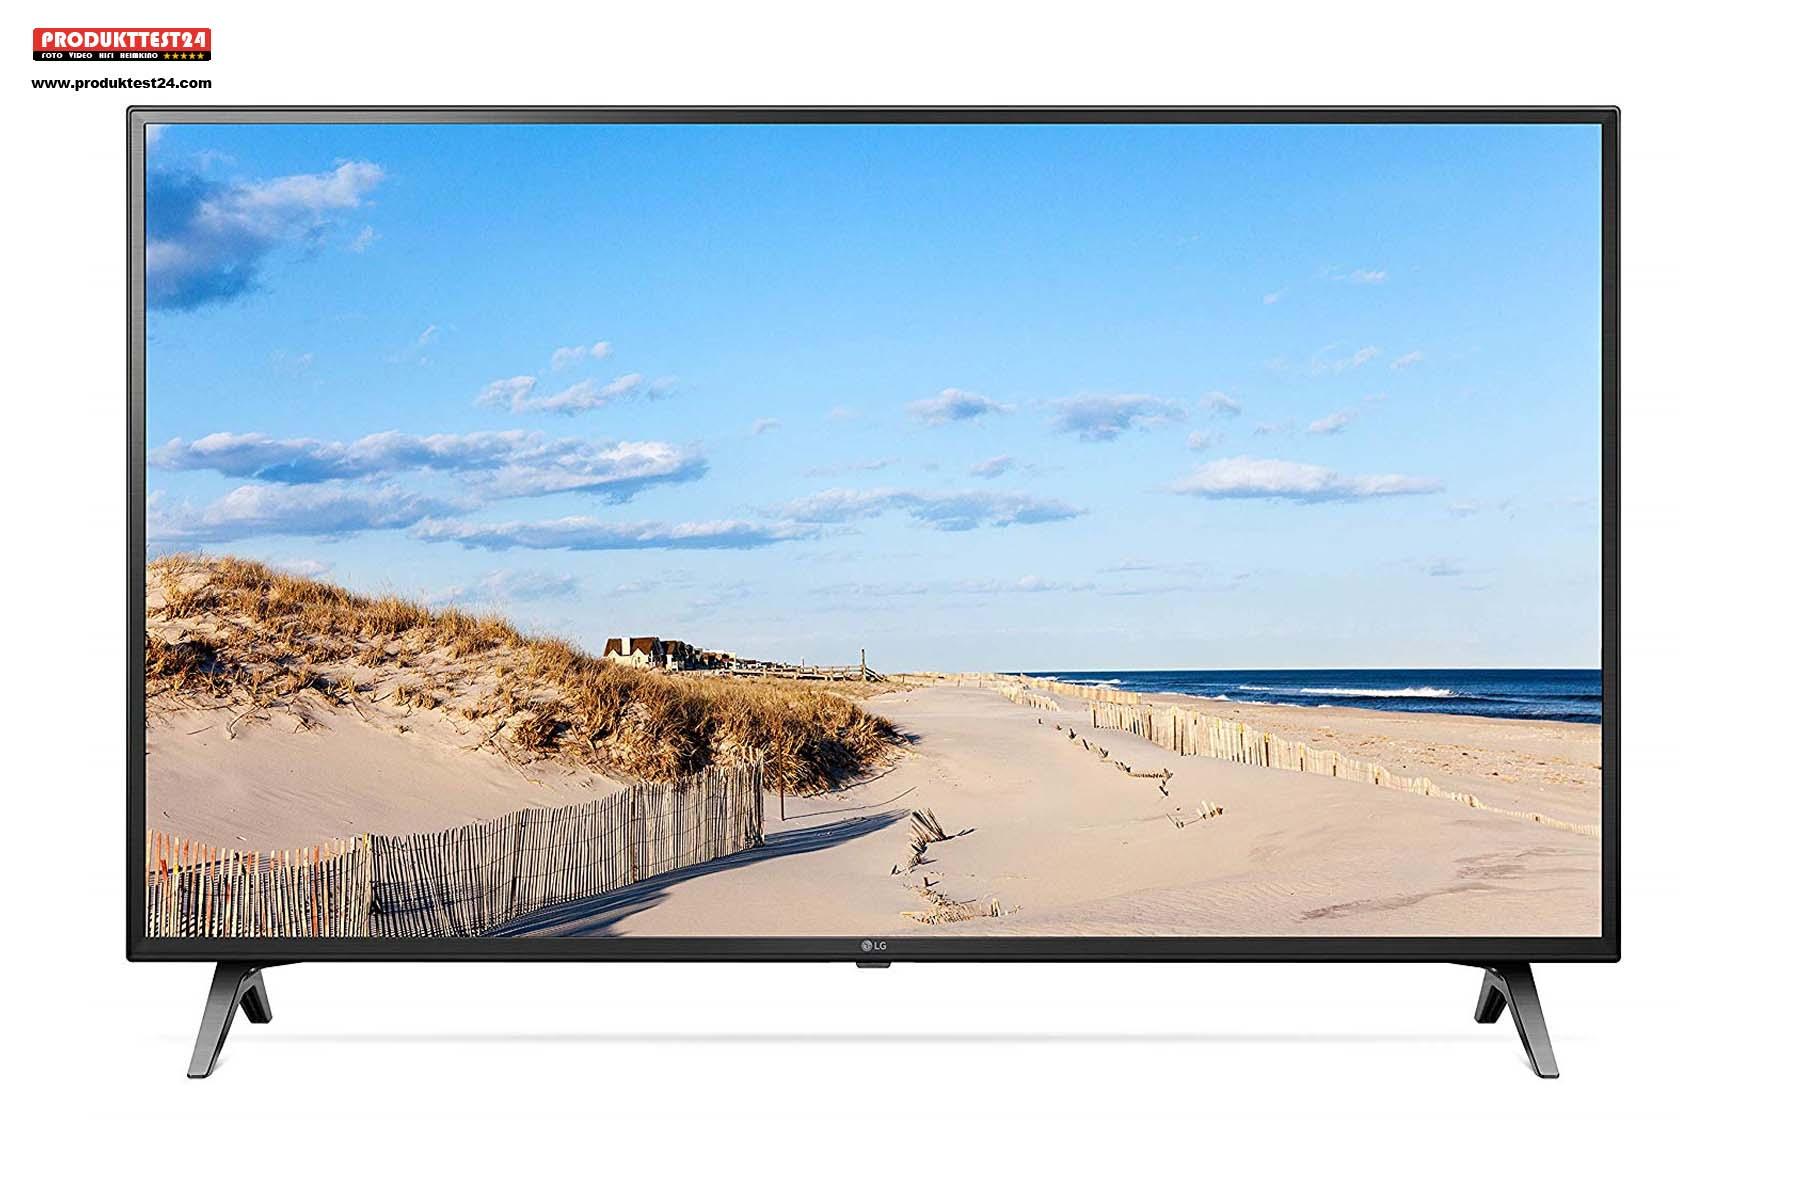 Der LG 75UM7000PLA Großbildfernseher